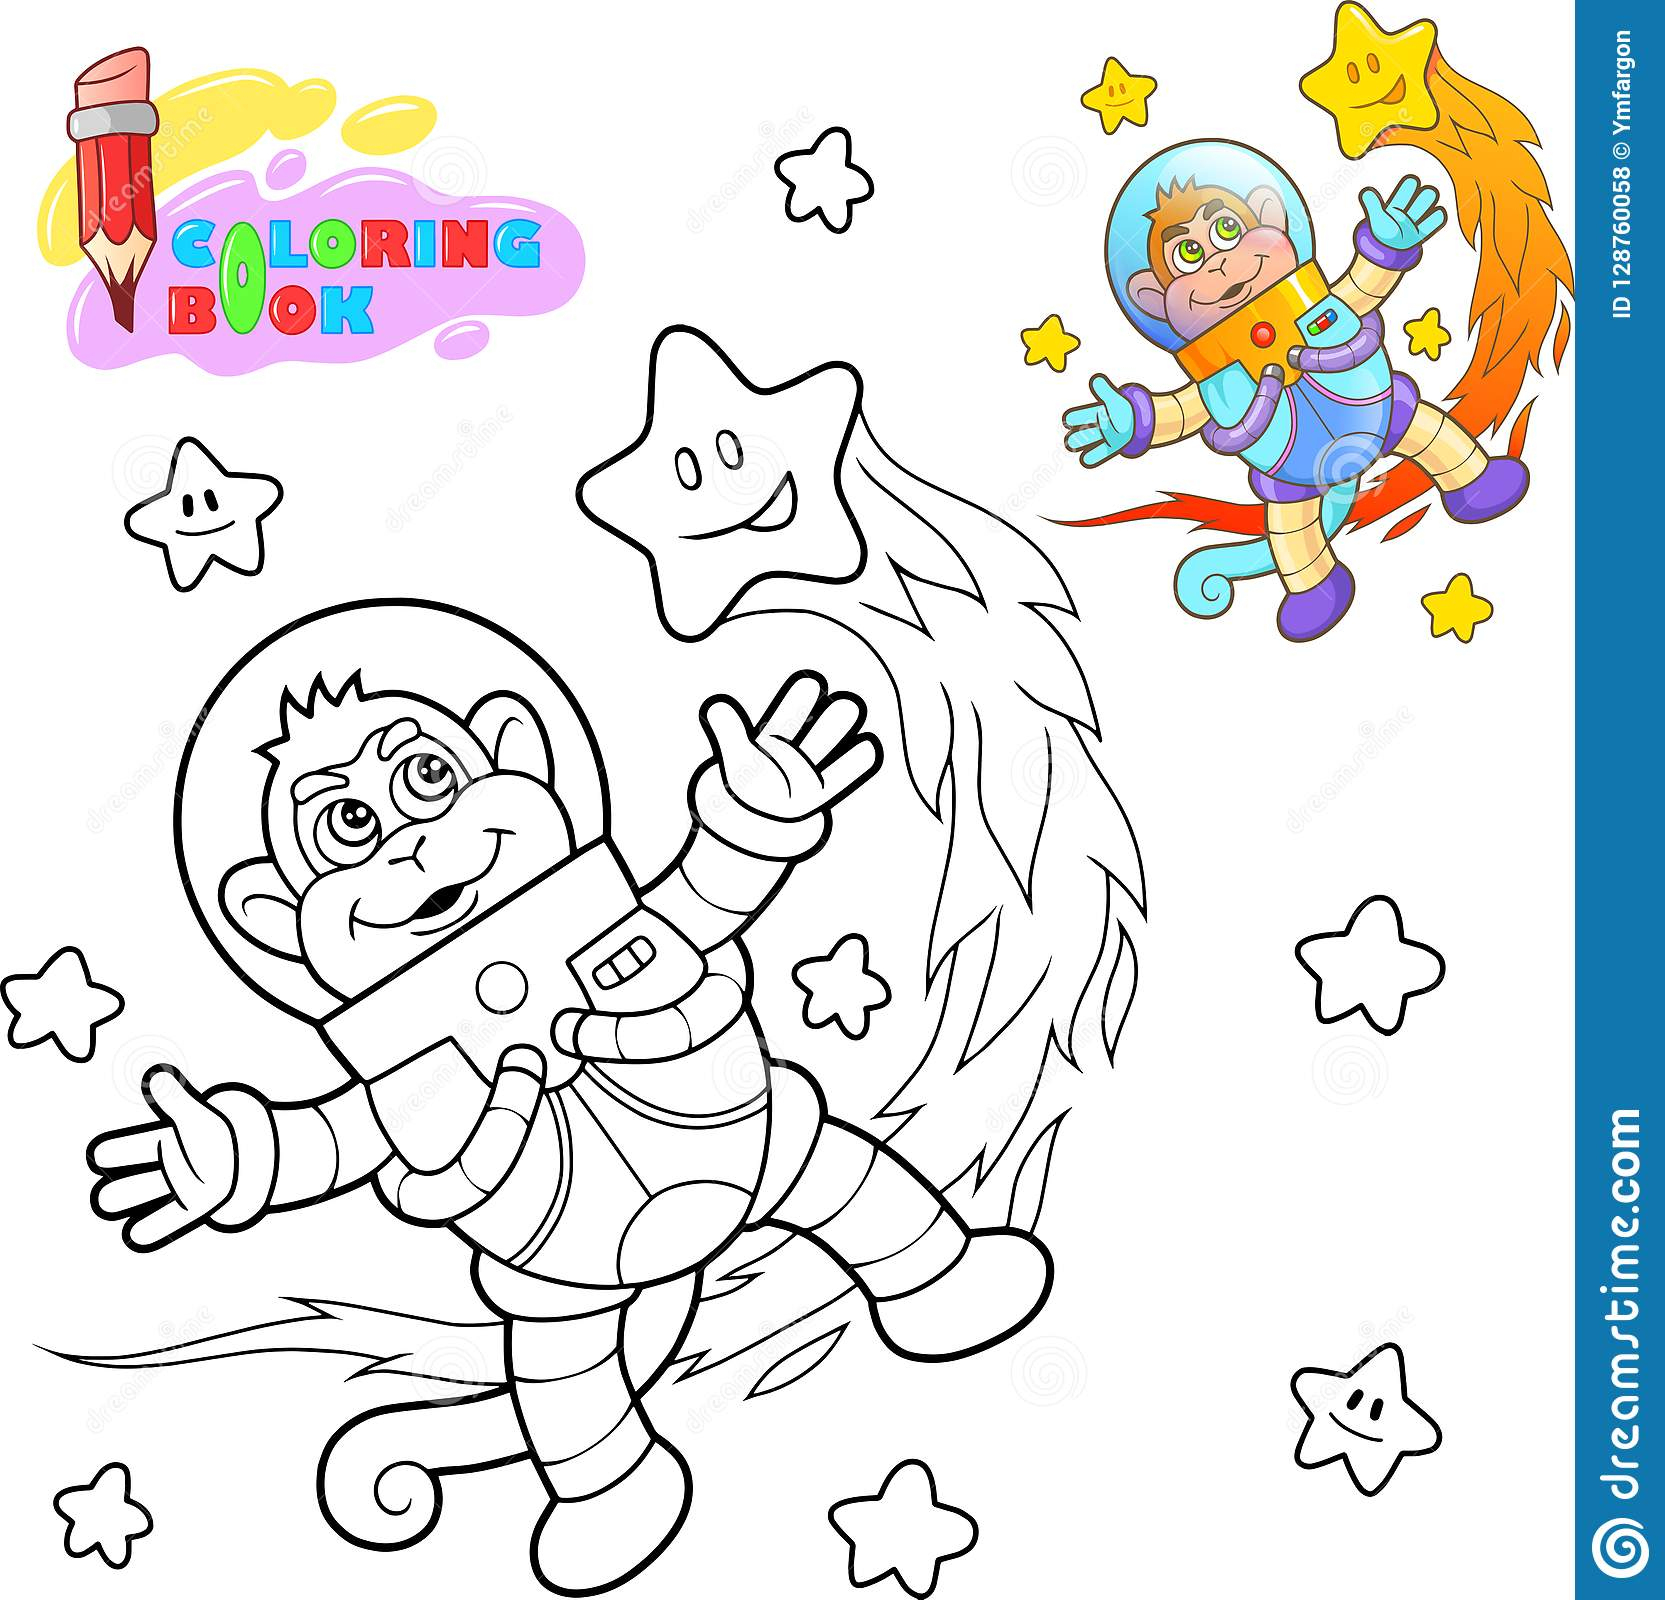 L'astronaute Mignon De Singe Vole Parmi Livre De Coloriage D encequiconcerne Coloriage Astronaute